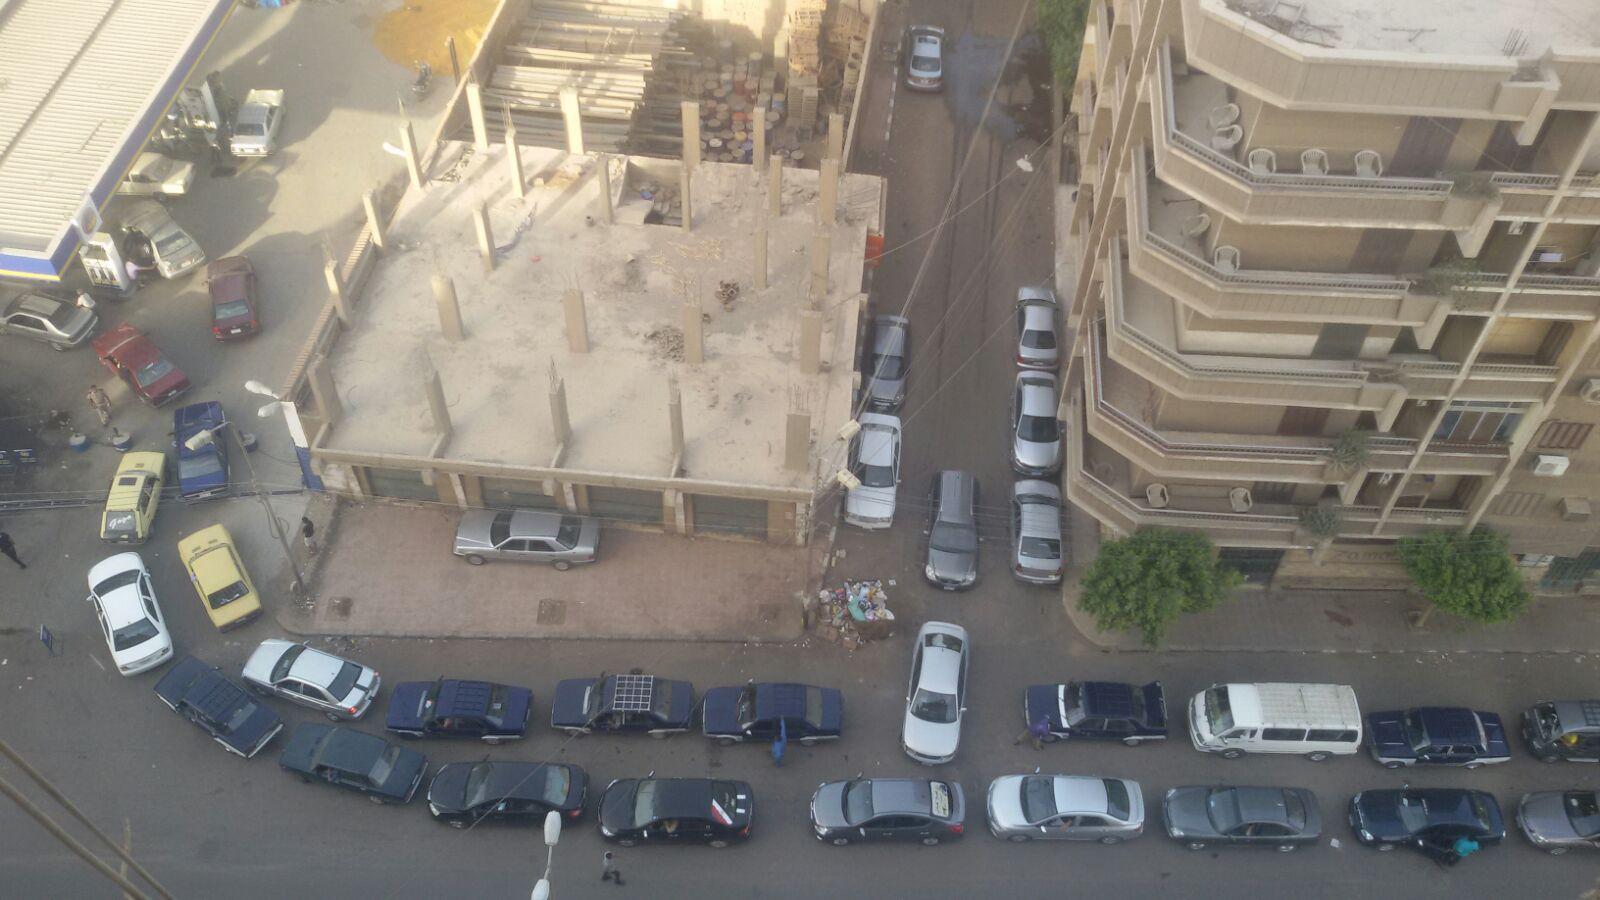 بالصور.. طوابير على محطات الوقود في سوهاج وسط نقص إمدادات الوقود